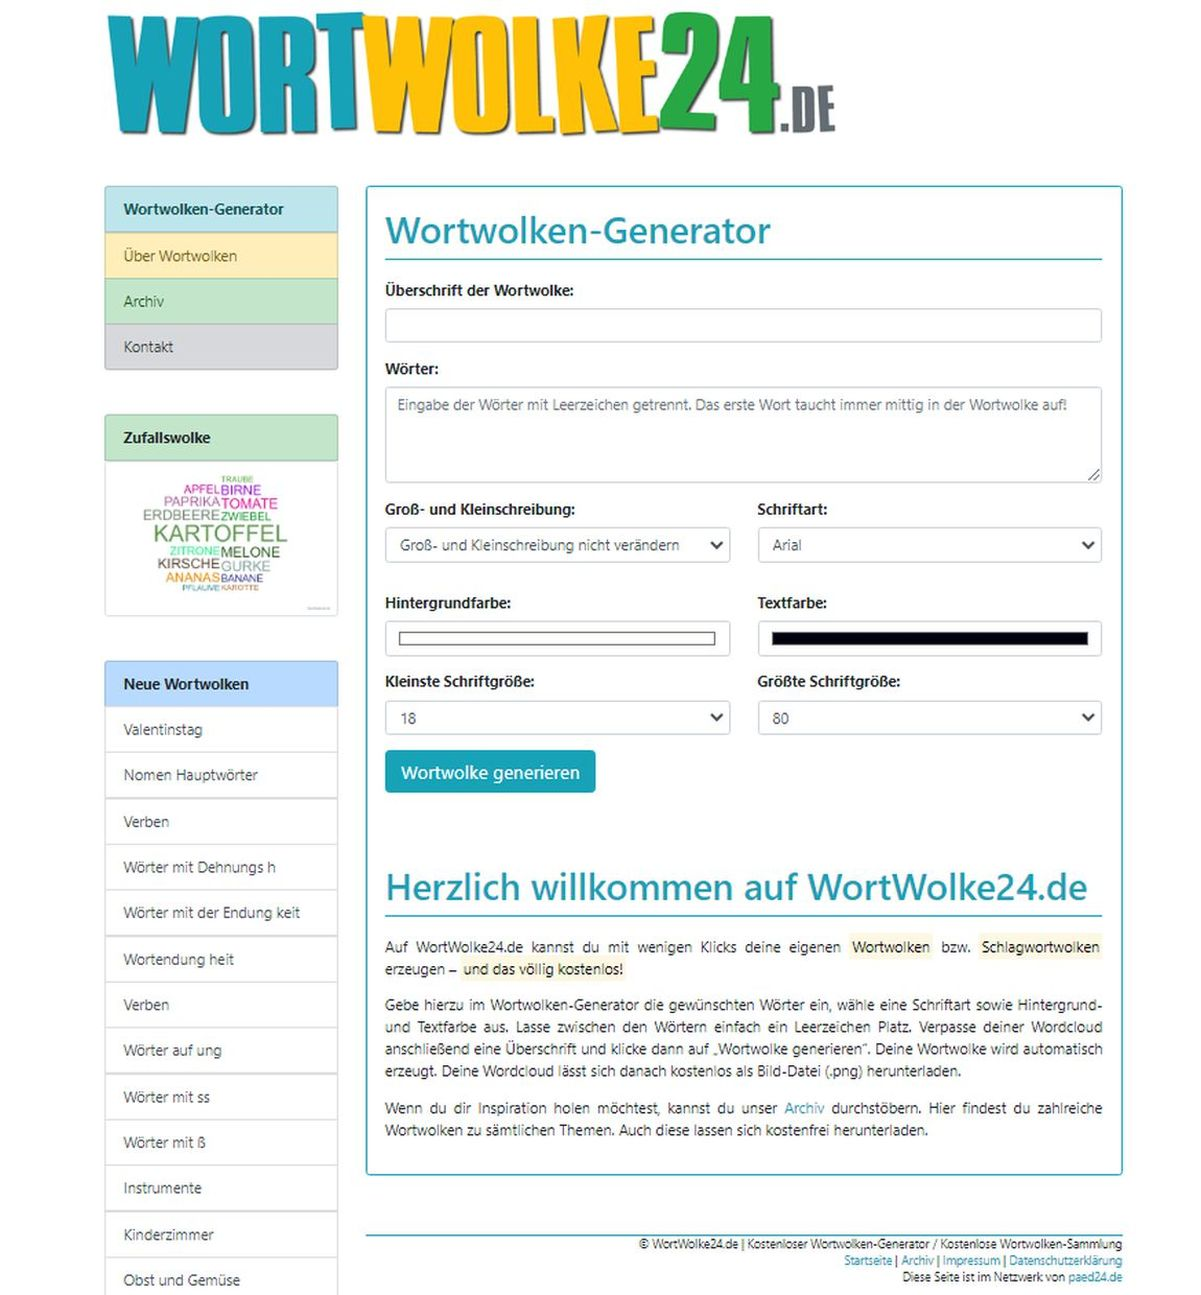 die Oberfläche der WortWolke | Freie-Pressemitteilungen.de